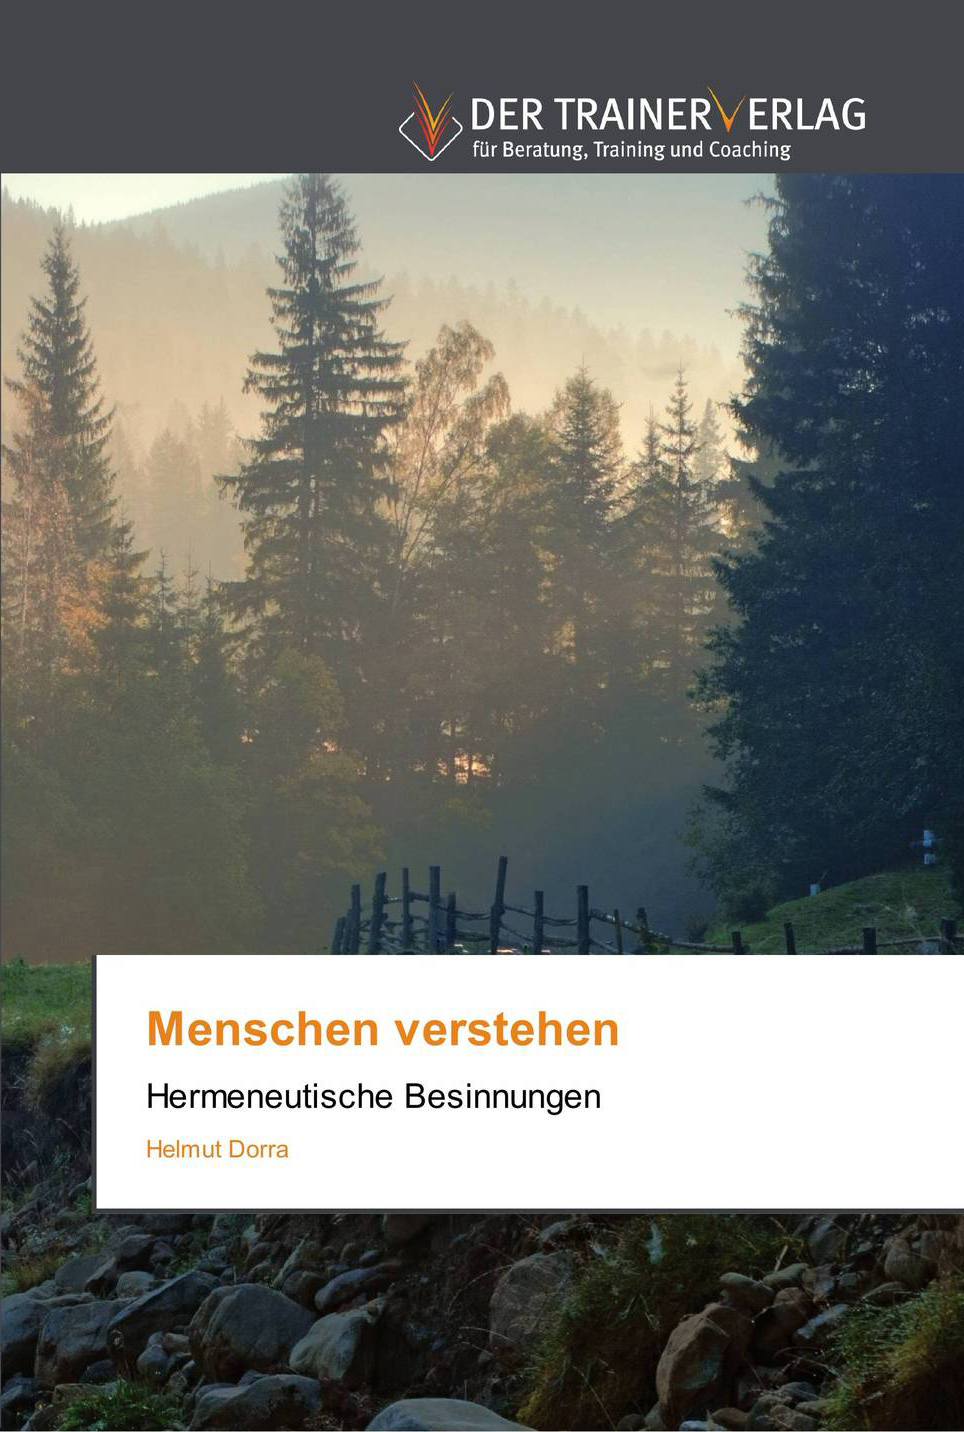 Menschen verstehen: Hermeneutische Besinnungen (von Helmut Dorra)